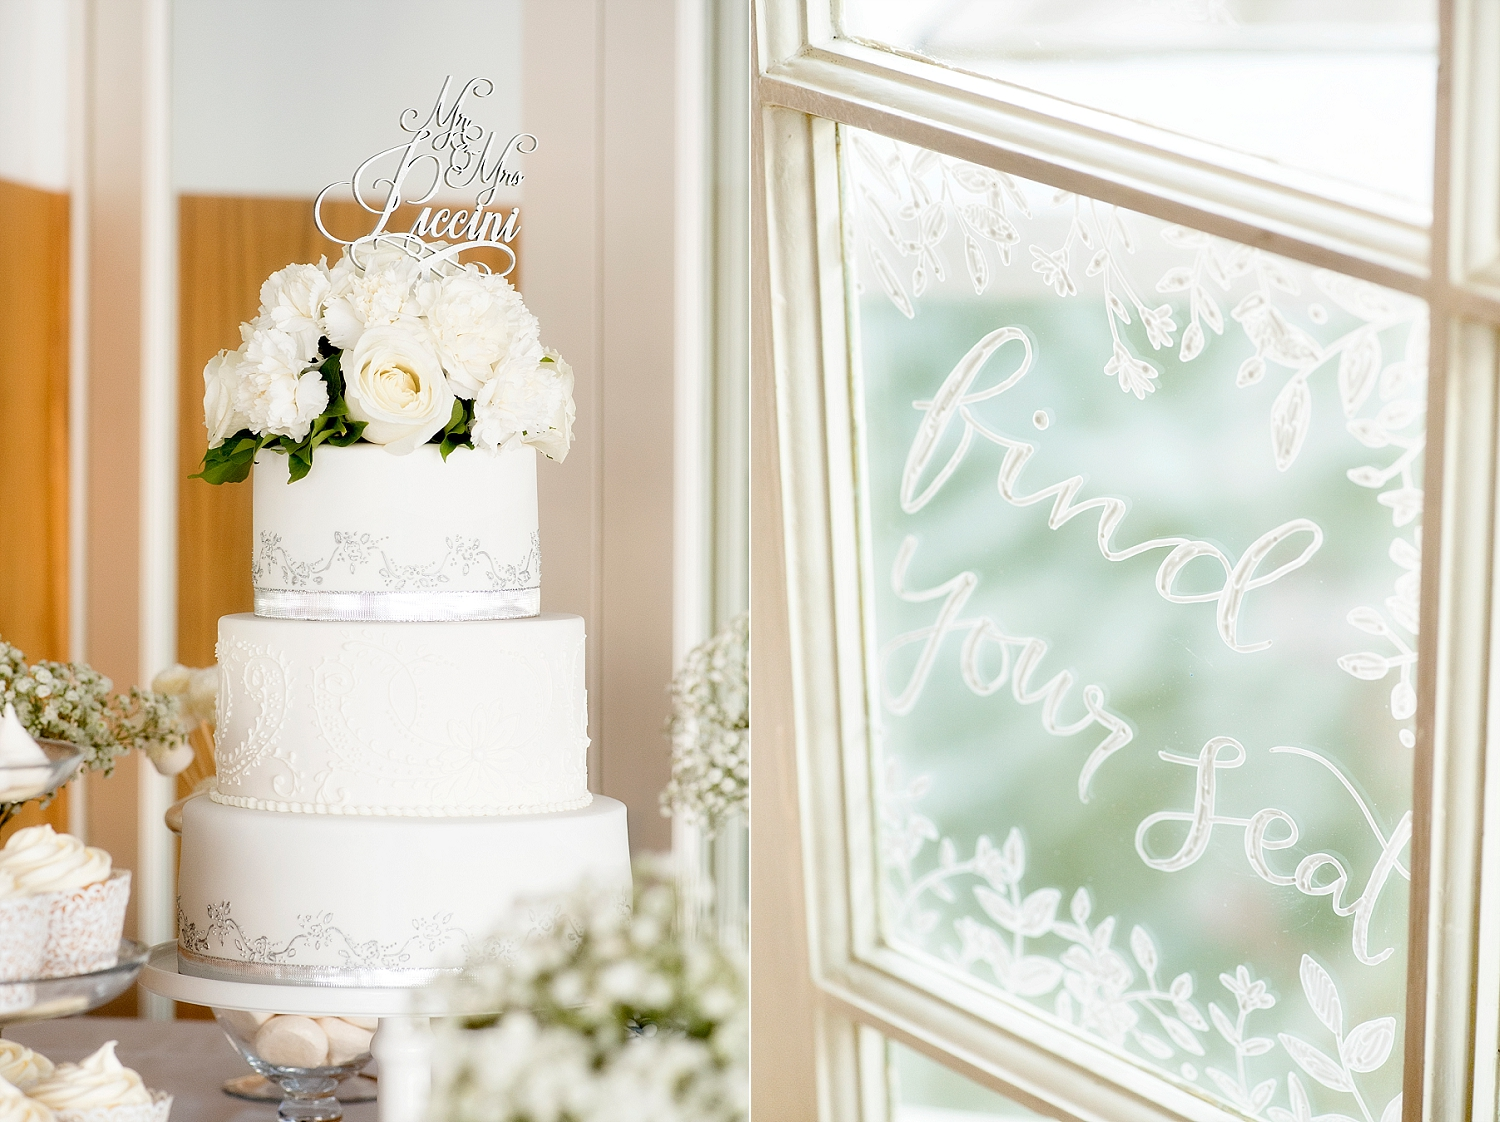 70_mosmans wedding perth.jpg